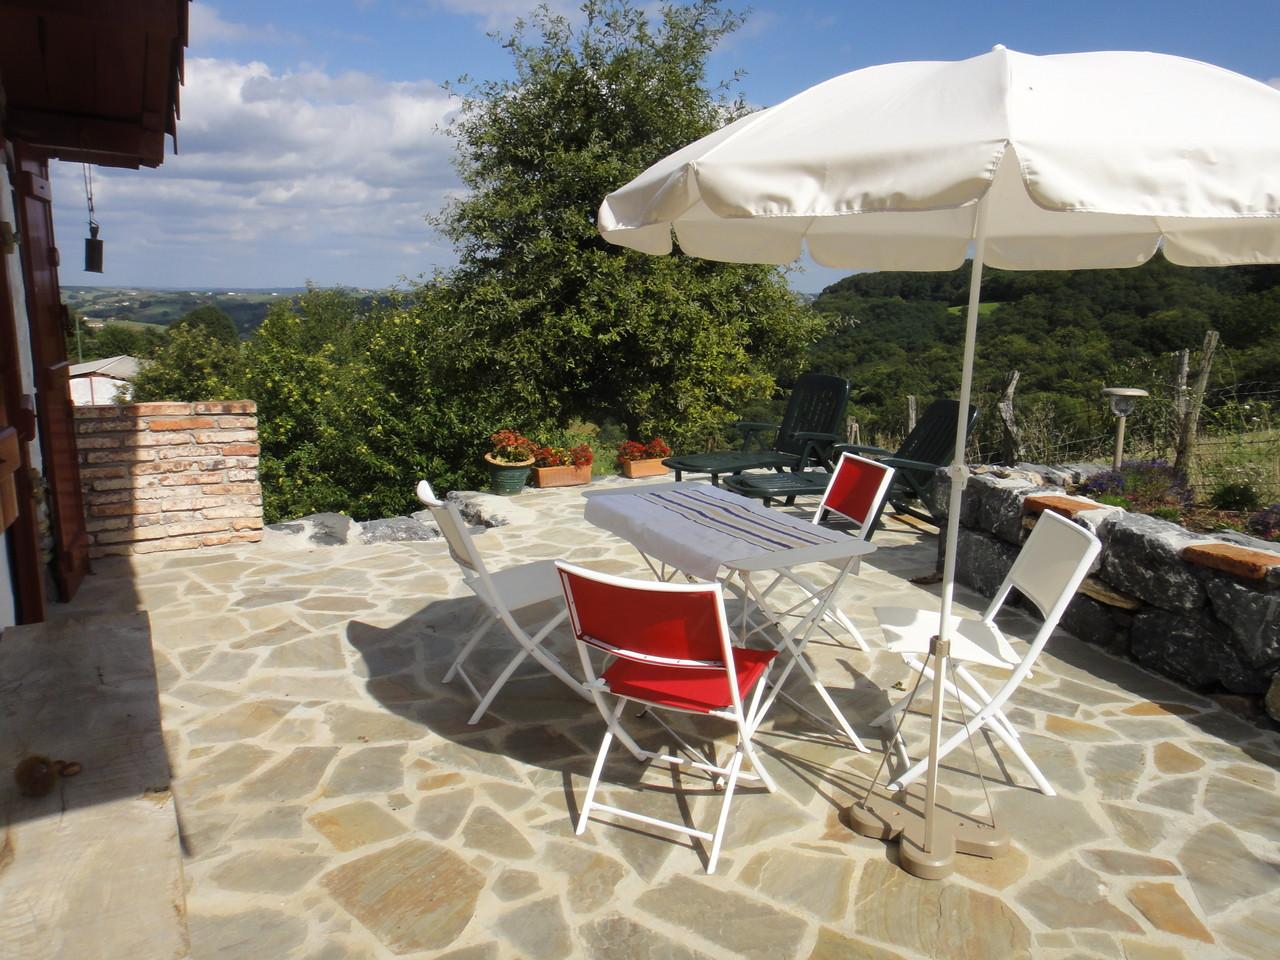 La table de jardin principale 6 places avec ses parasols